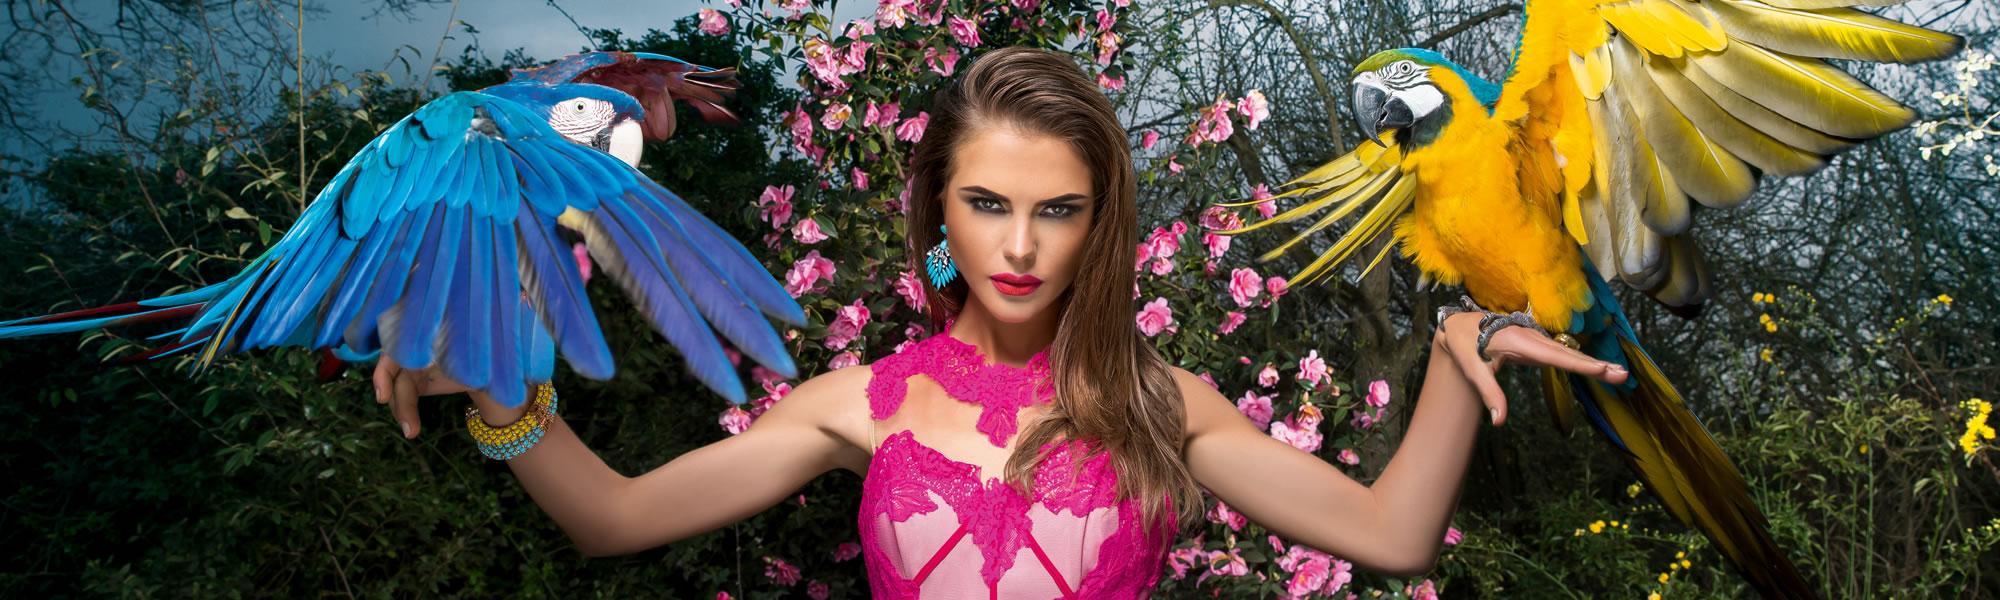 Event Makeup | Nina Ubhi Makeup Artist